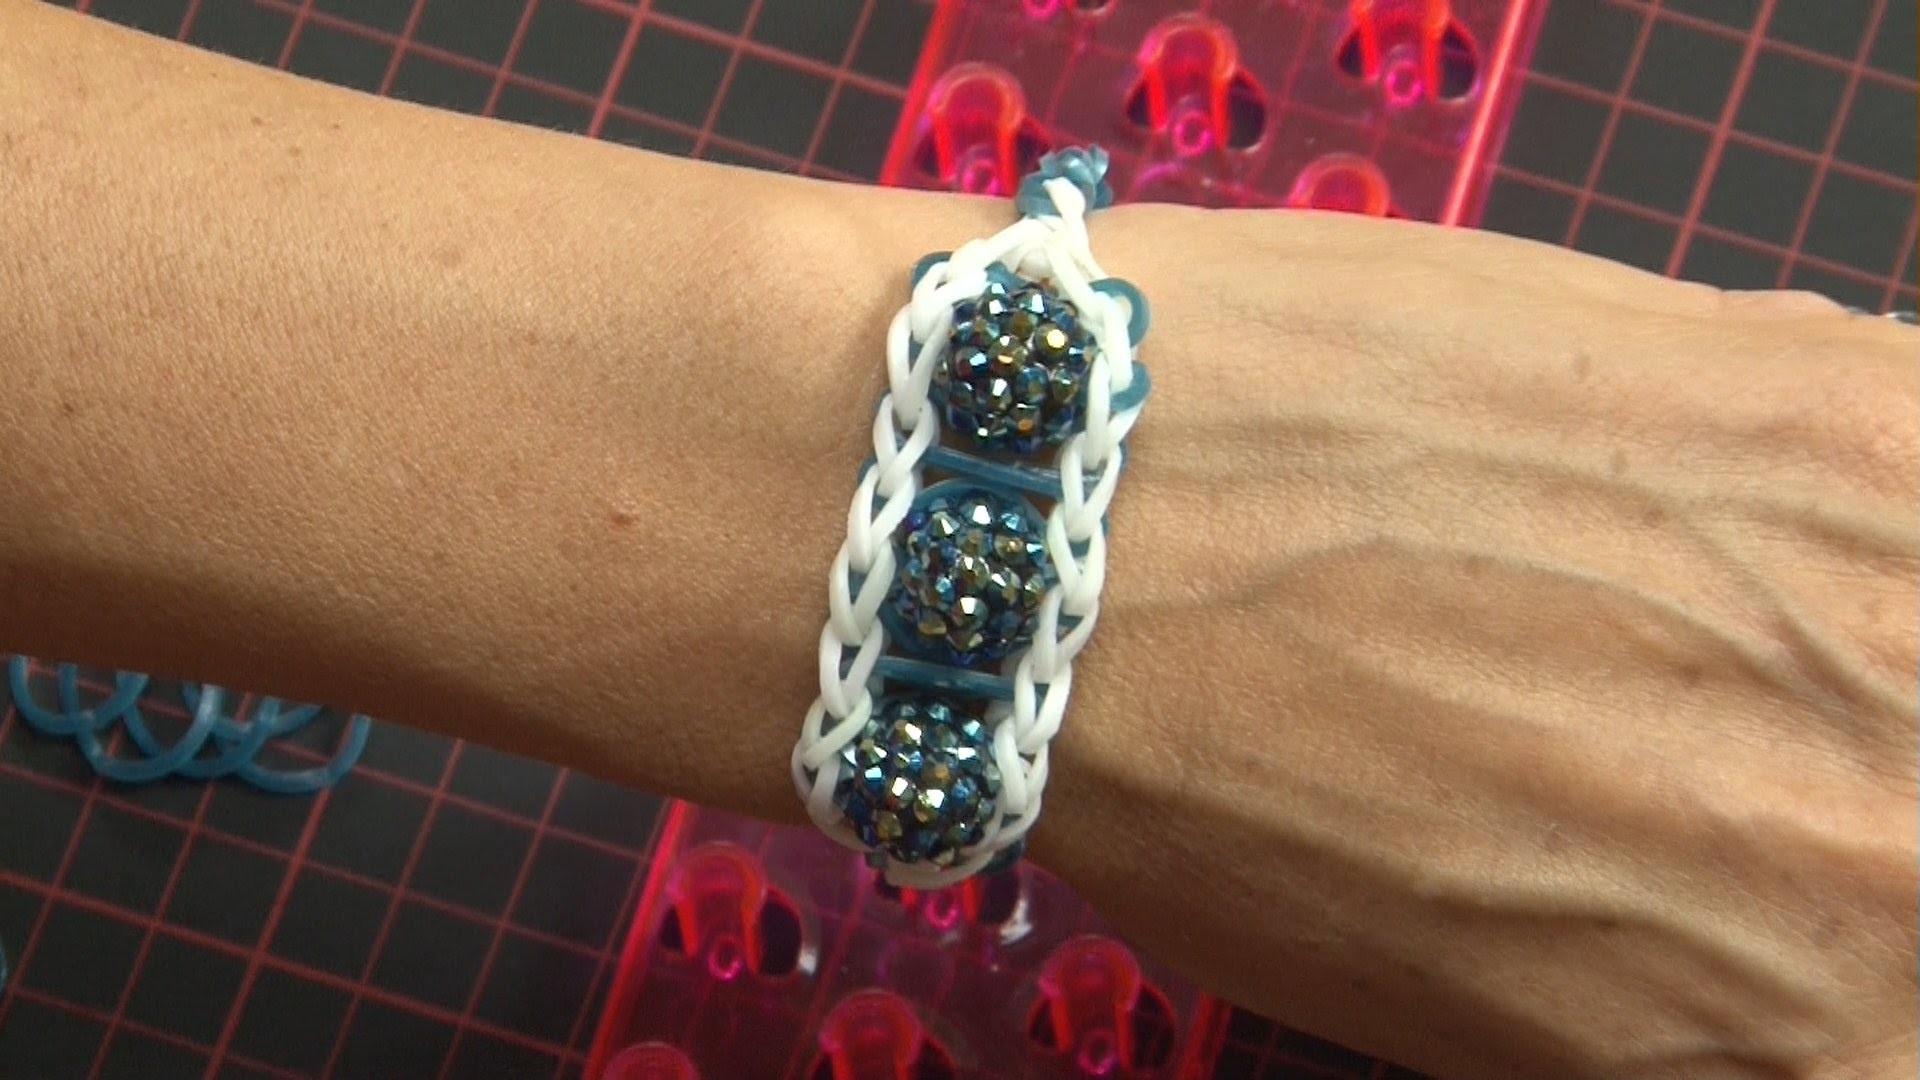 Ideen mit Herz - Loom Bänder - Armband Idee Nr. 3 (mit Webrahmen & Kristall-Perlen)